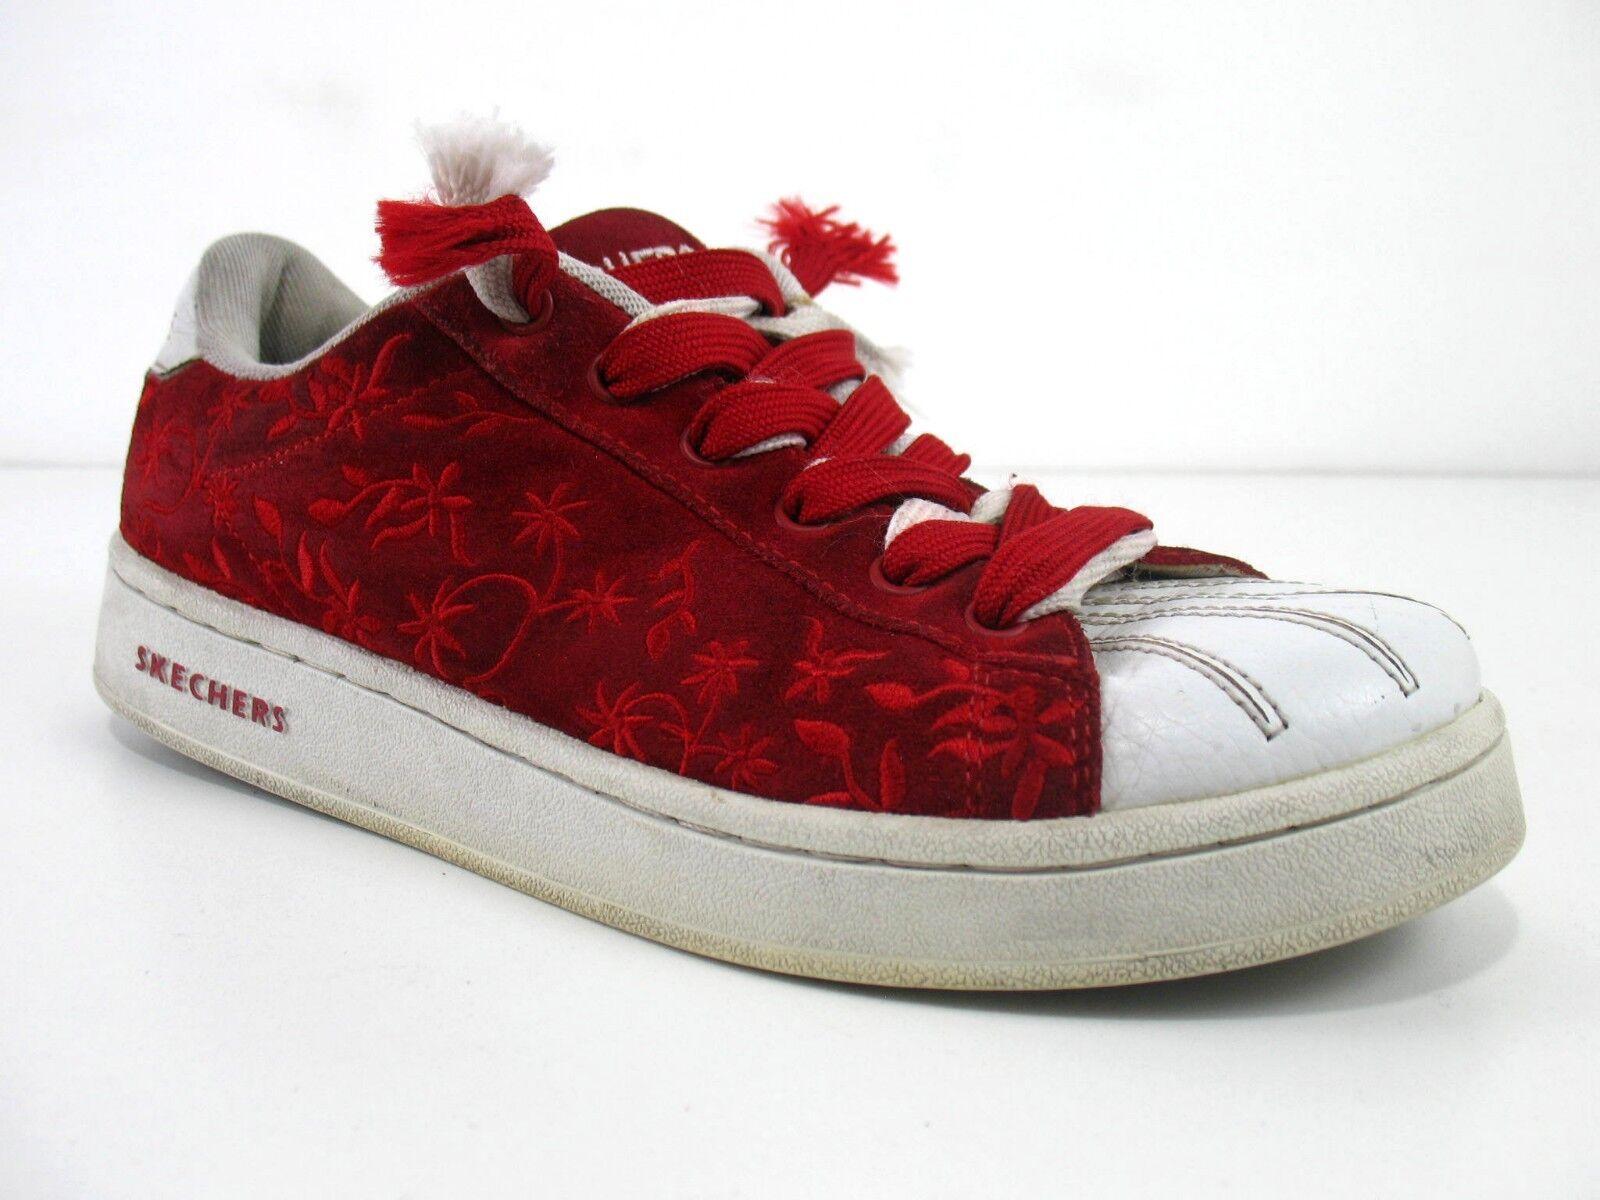 Skechers-Rojo Gamuza Cordones dos Diseño de de de Flores-Raro Sn 1623-para mujer 9  el estilo clásico